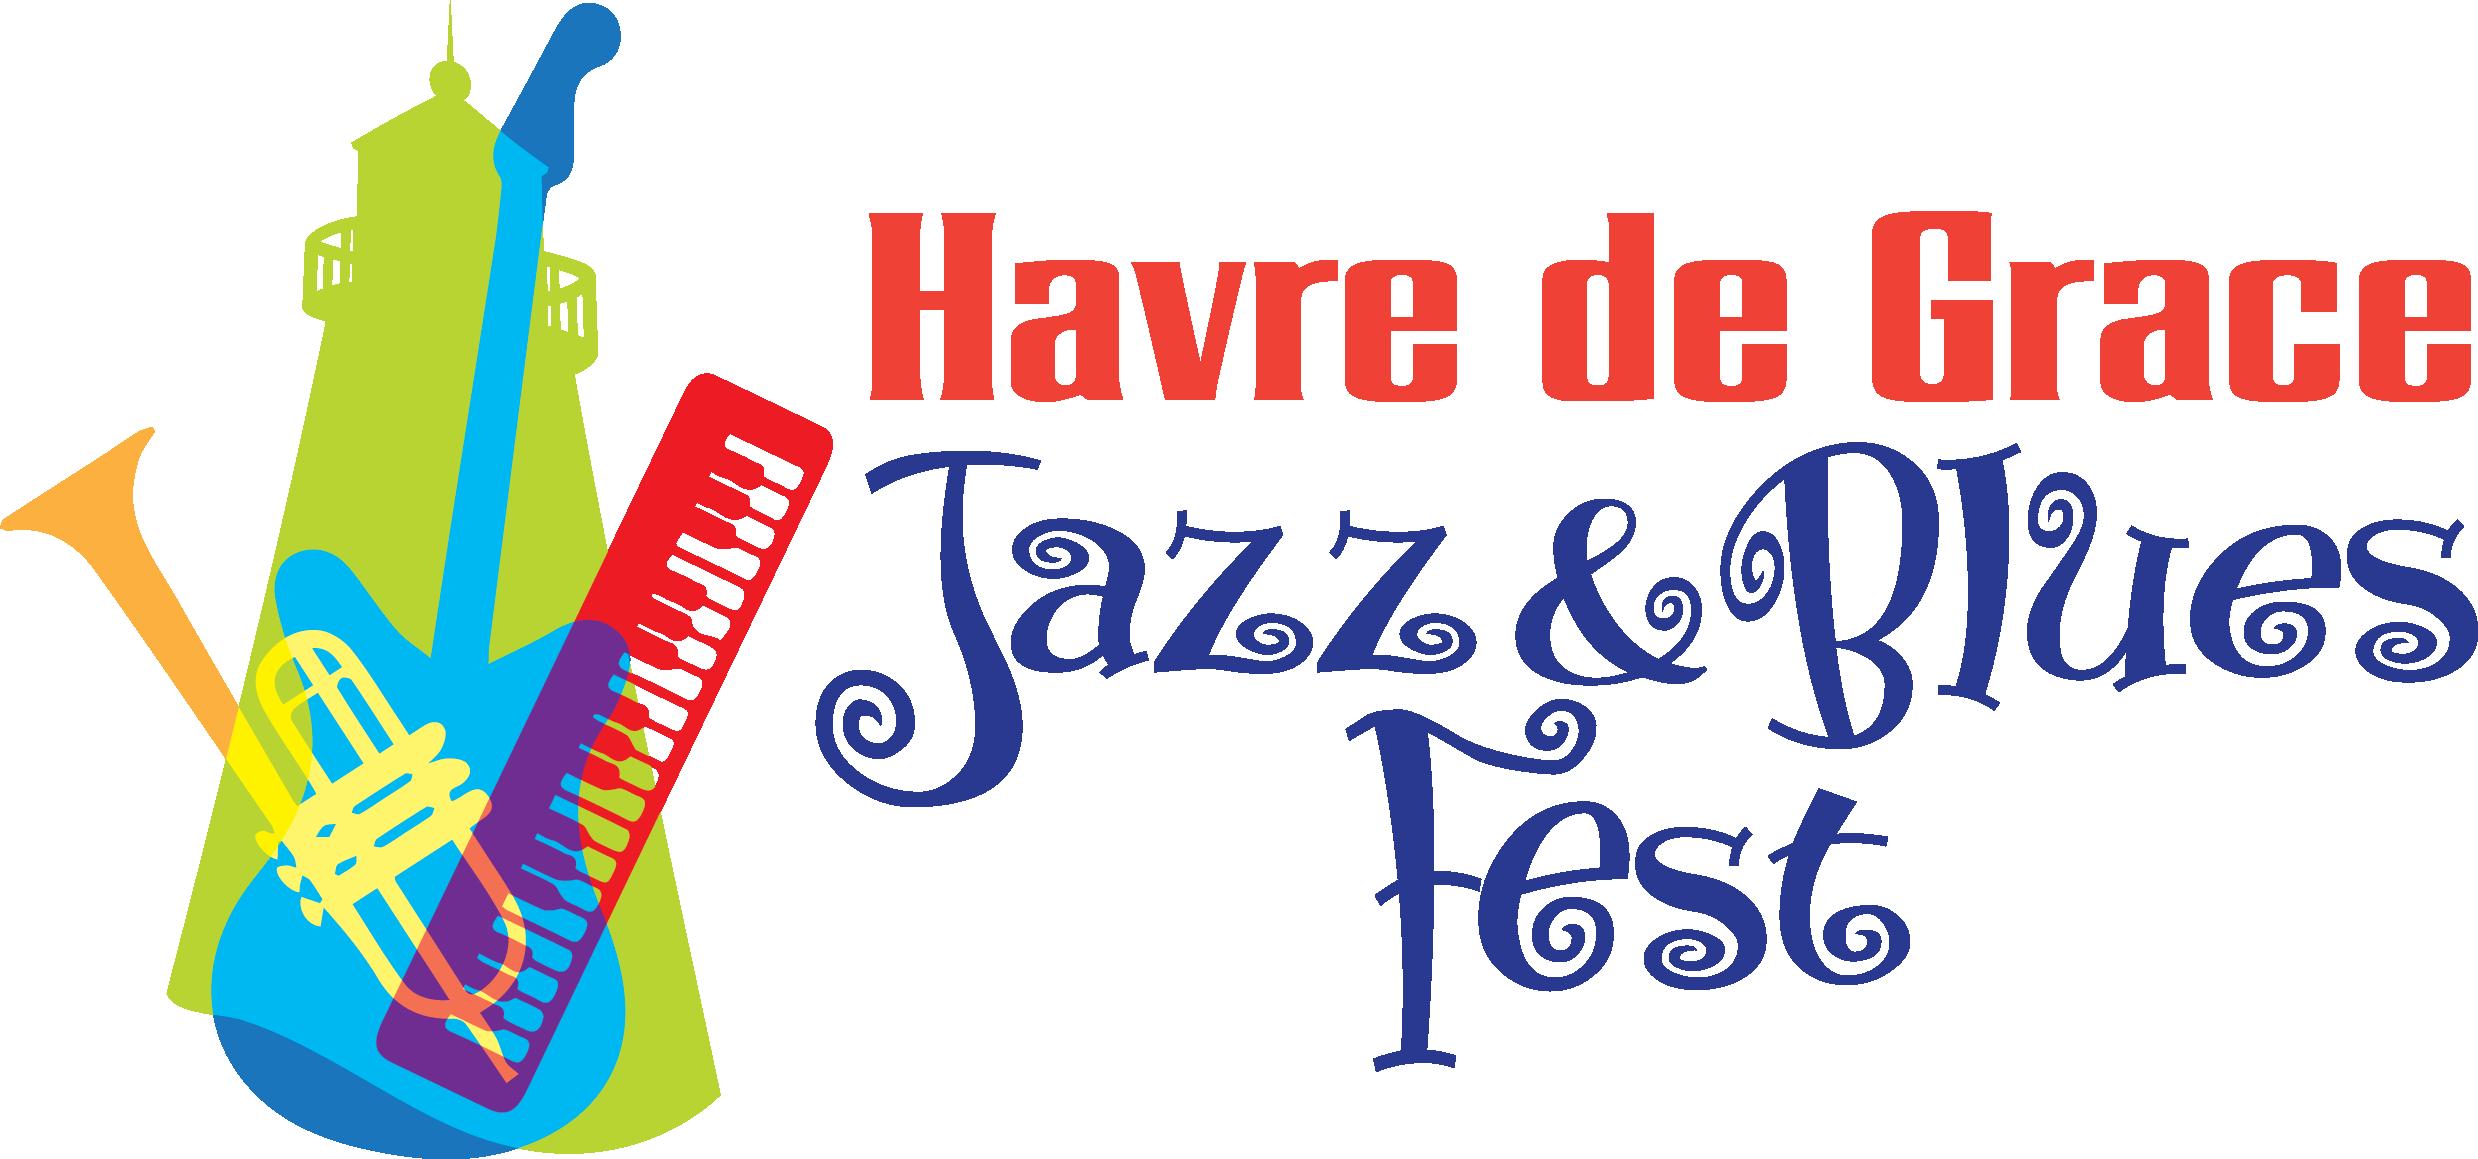 Havre de Grace Jazz & Blues Festival